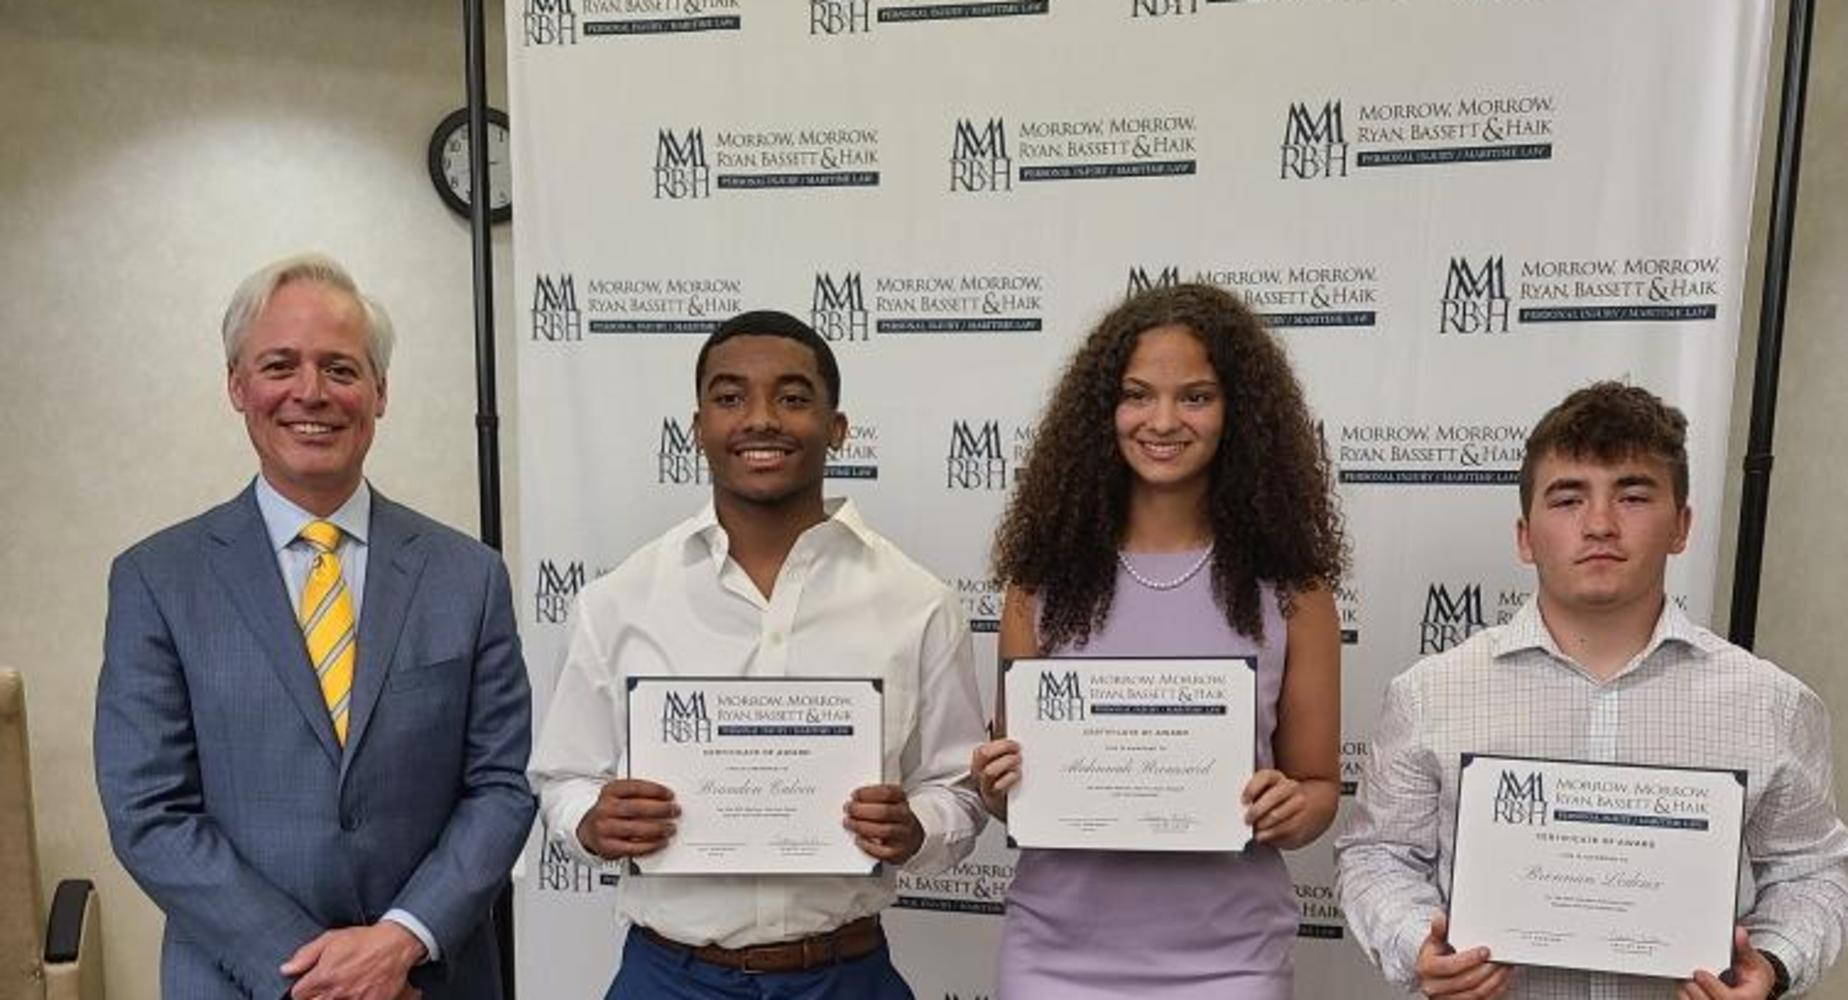 Morrow & Morrow scholarship recipients